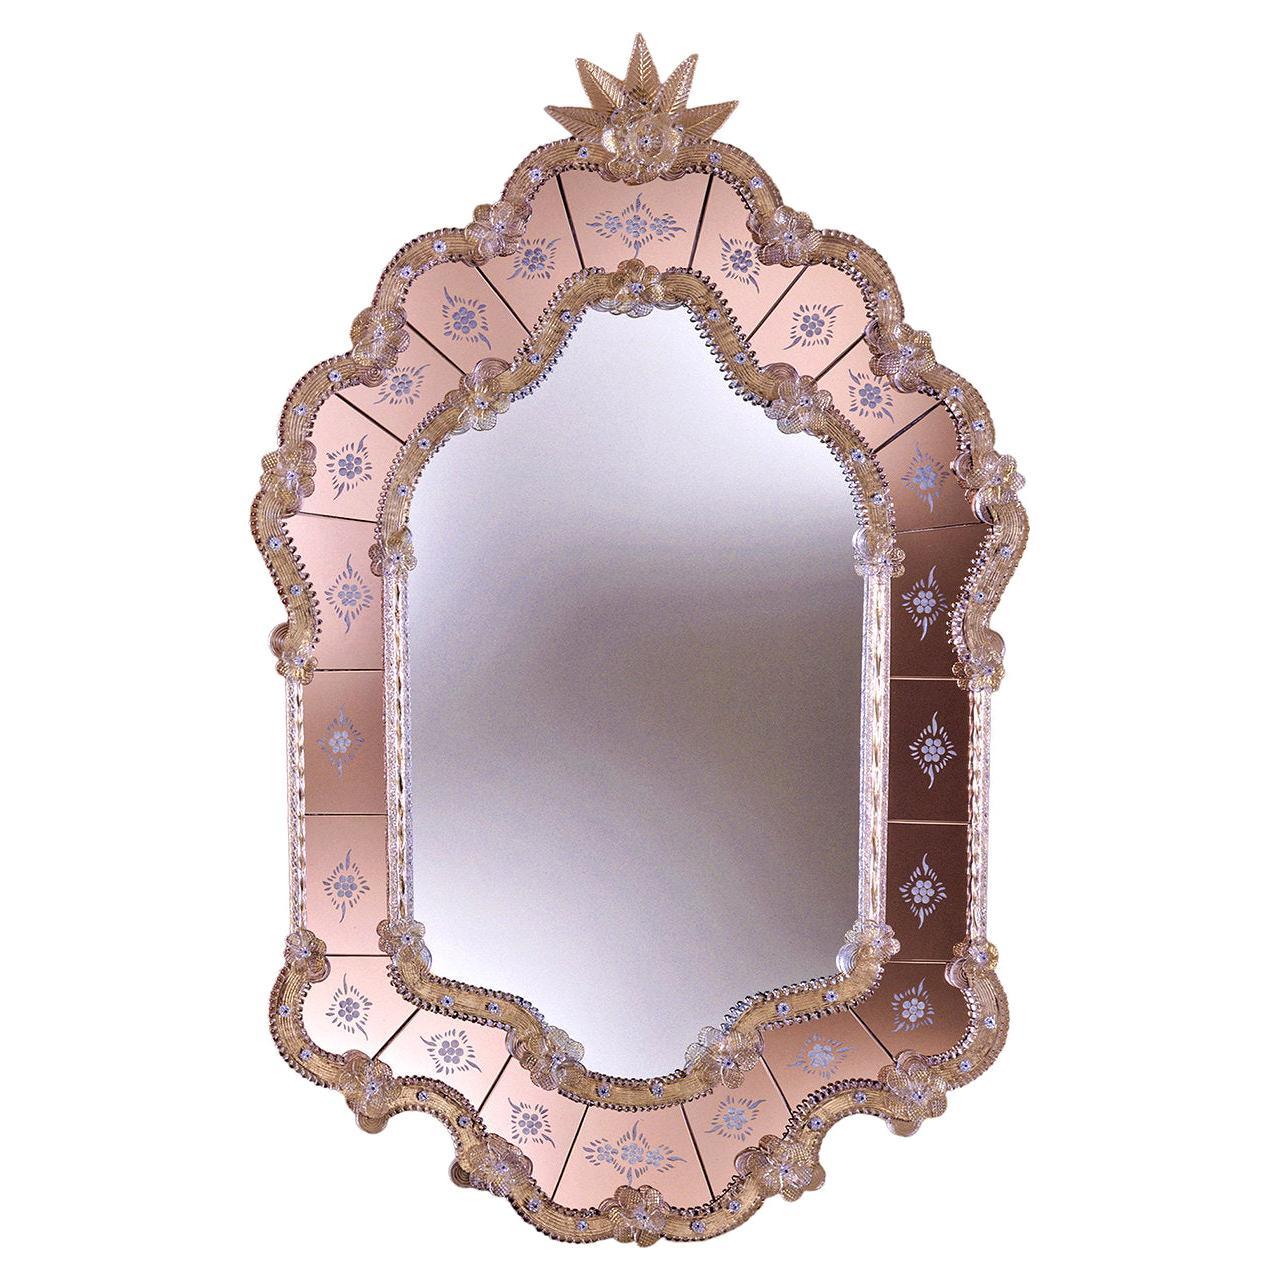 Navagero Murano Glass Mirror